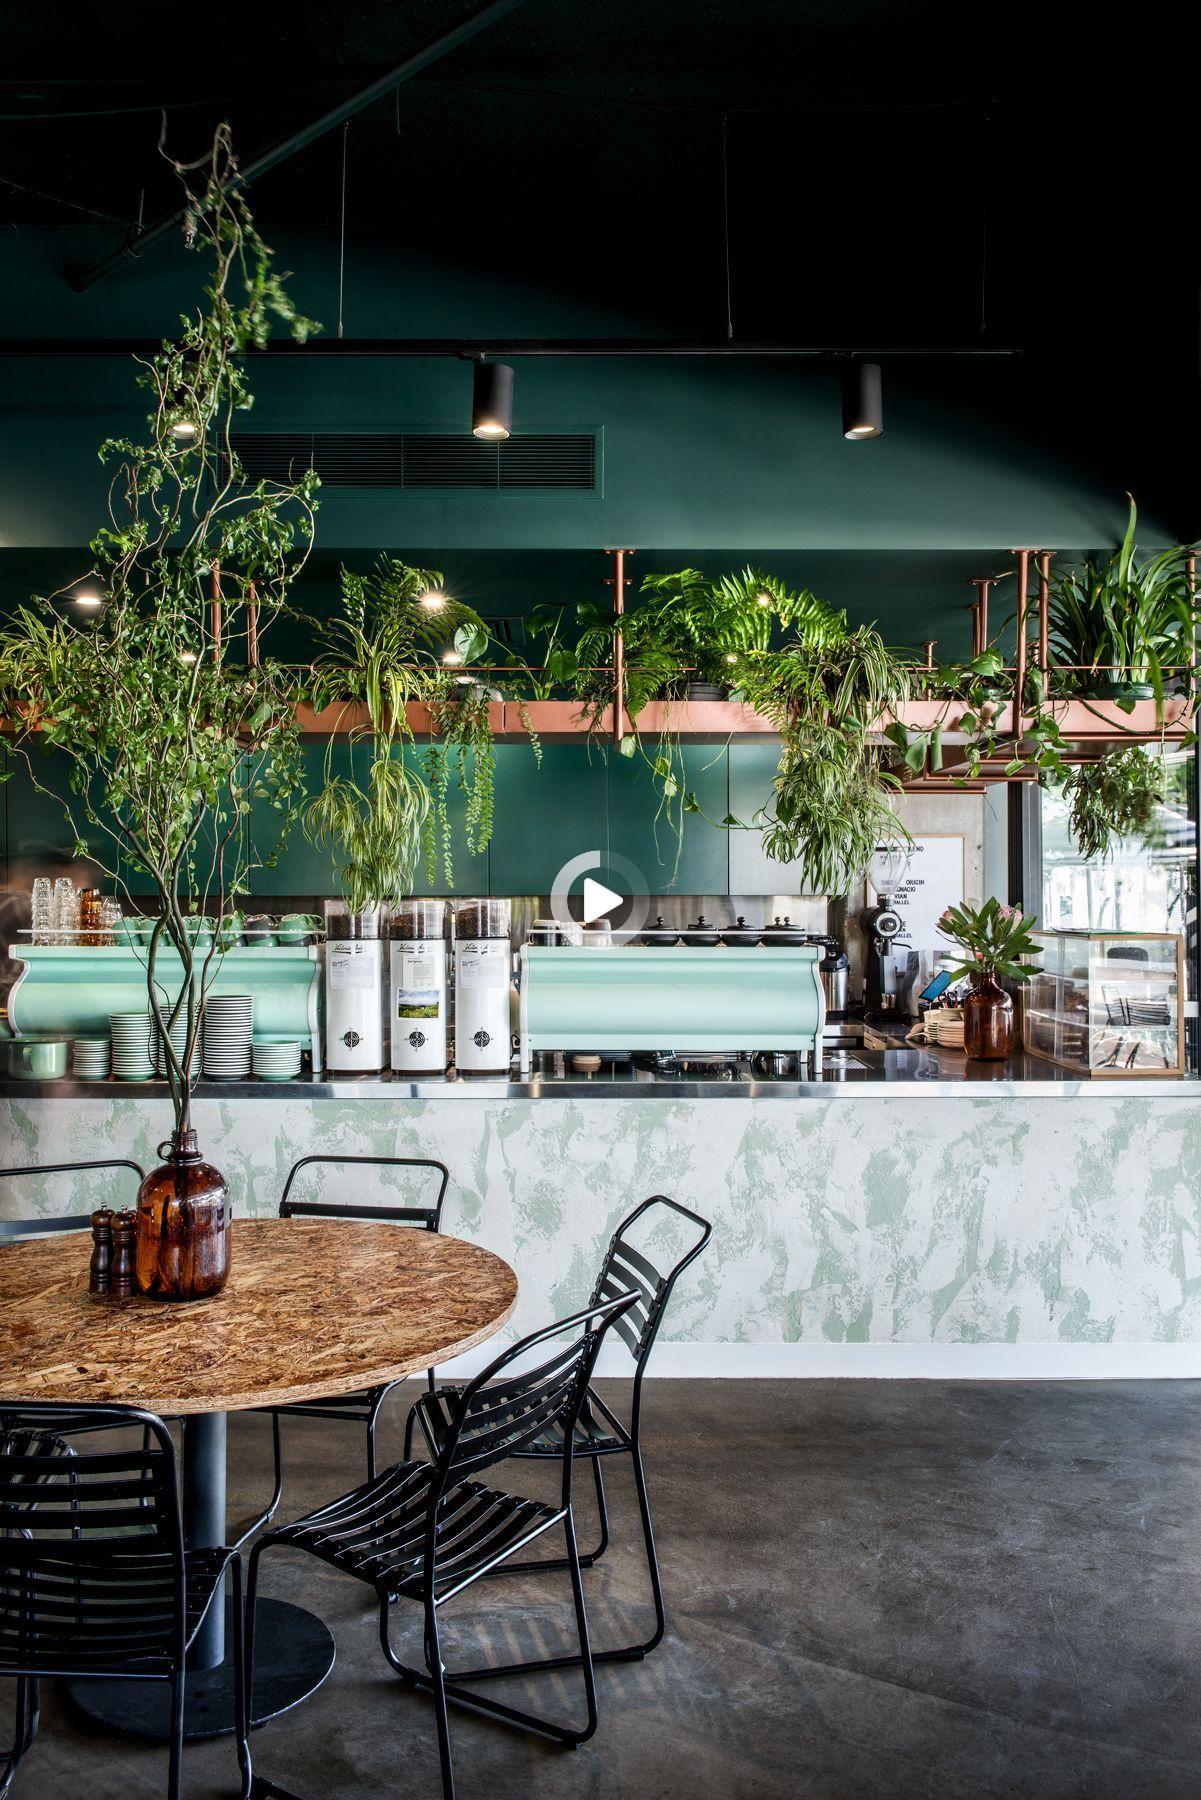 Moody Mocha In 2021 Rustic Coffee Shop Coffee Shop Interior Design Cafe Interior Design